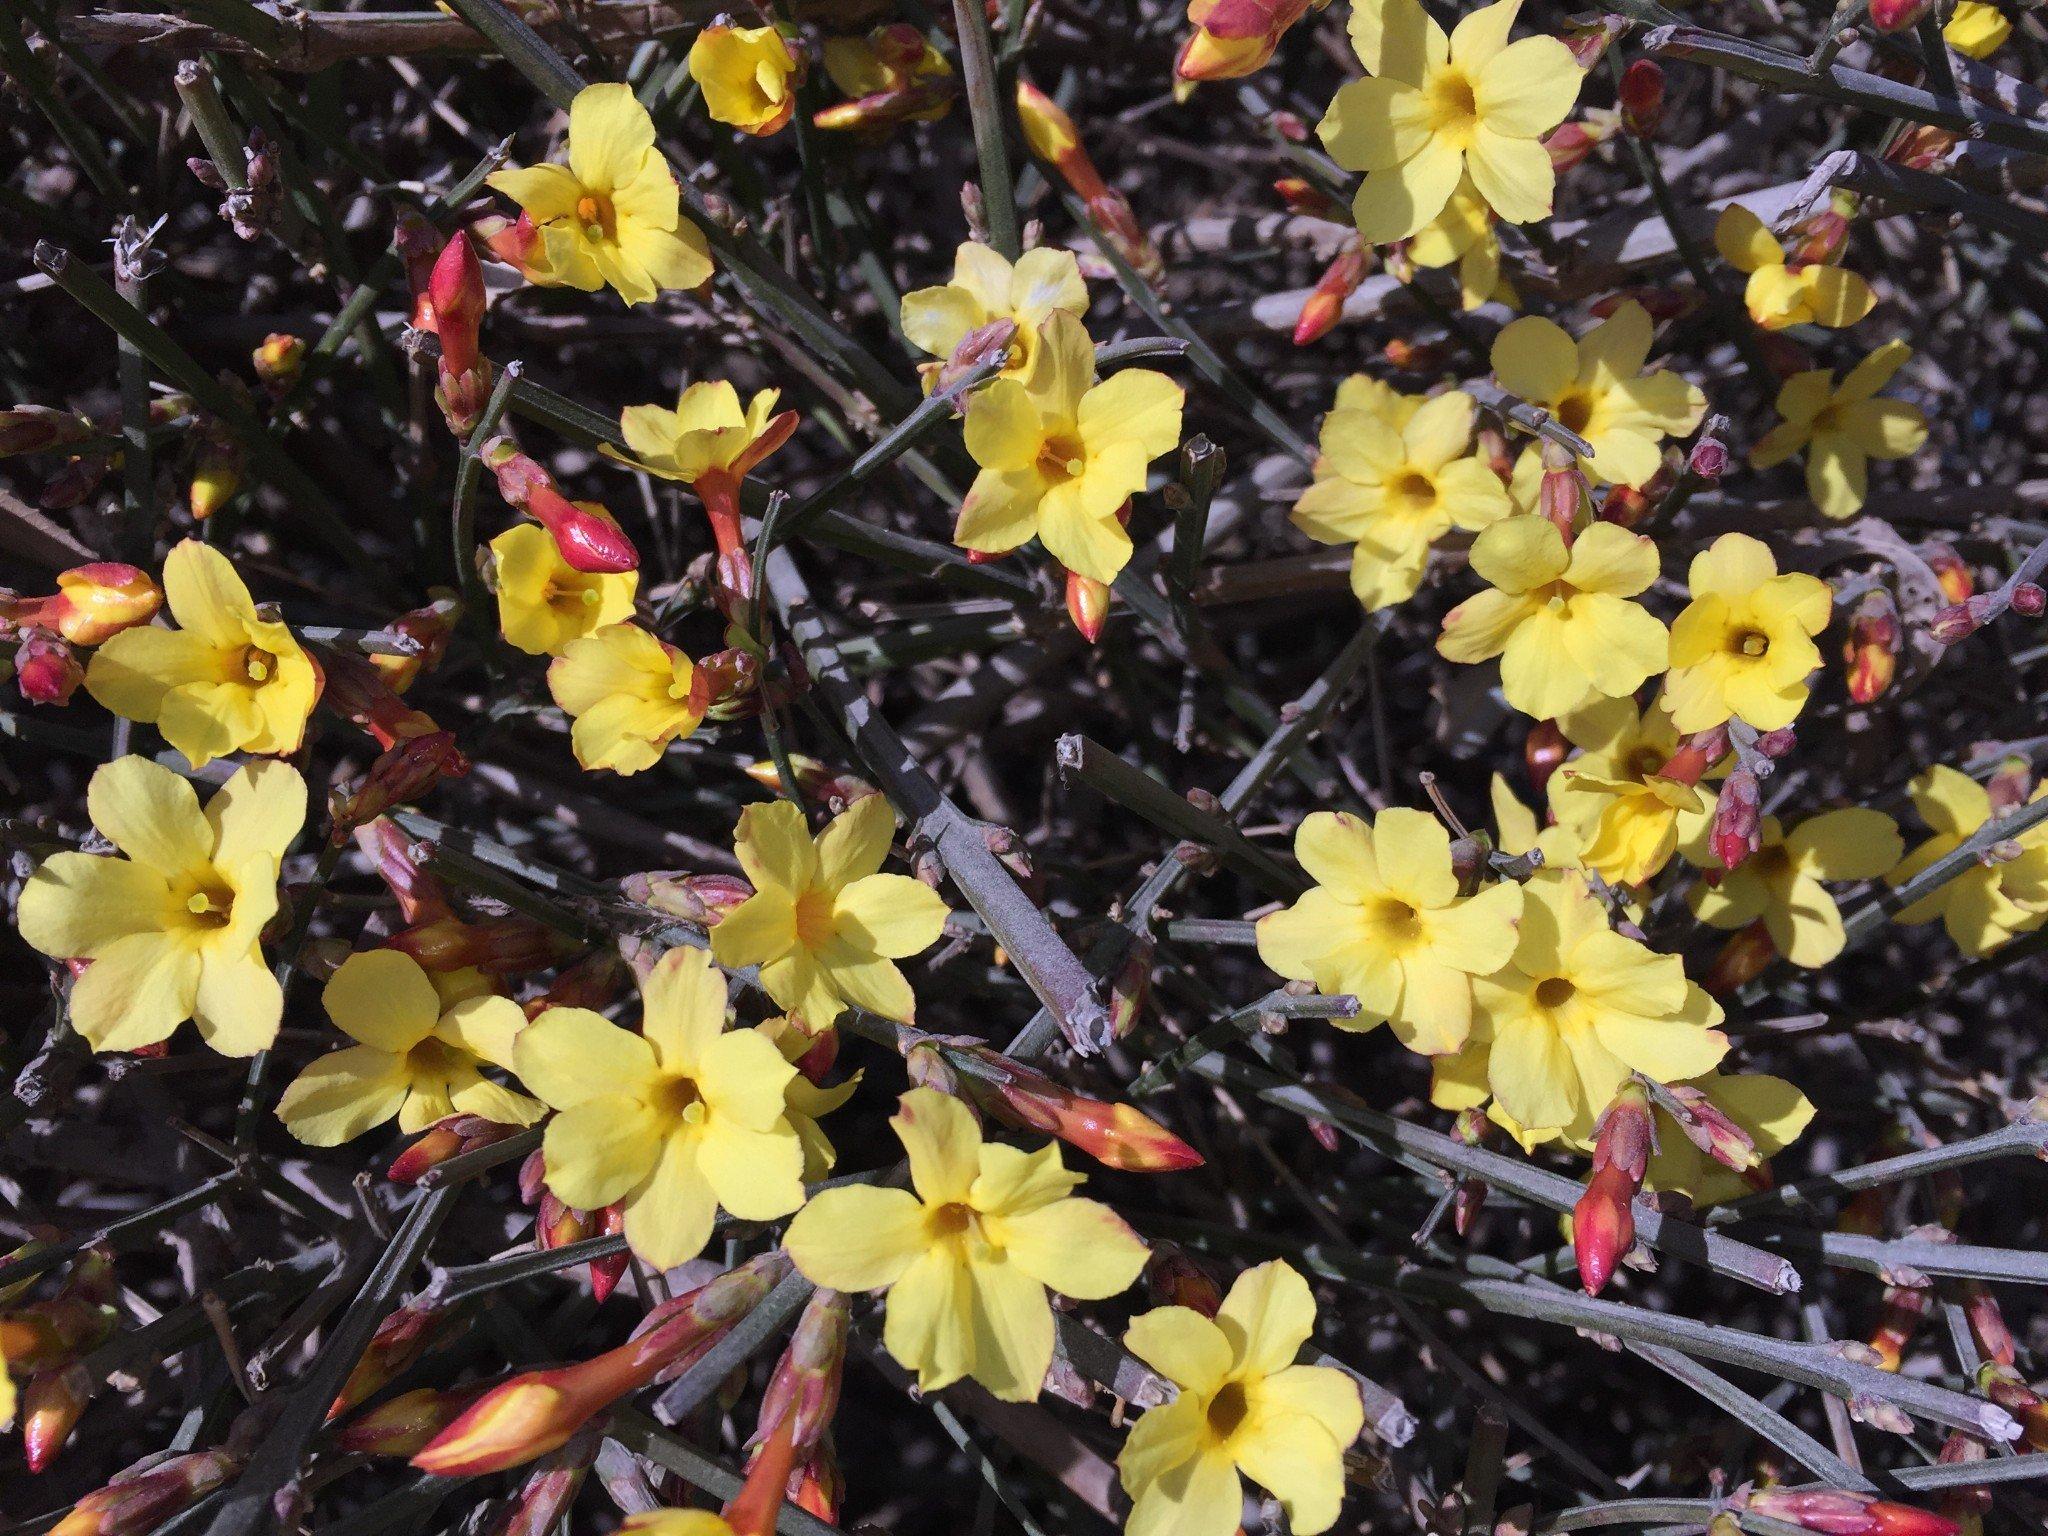 京三四月份常见的花,给旅行中的您一个小汇总,增加点植物常